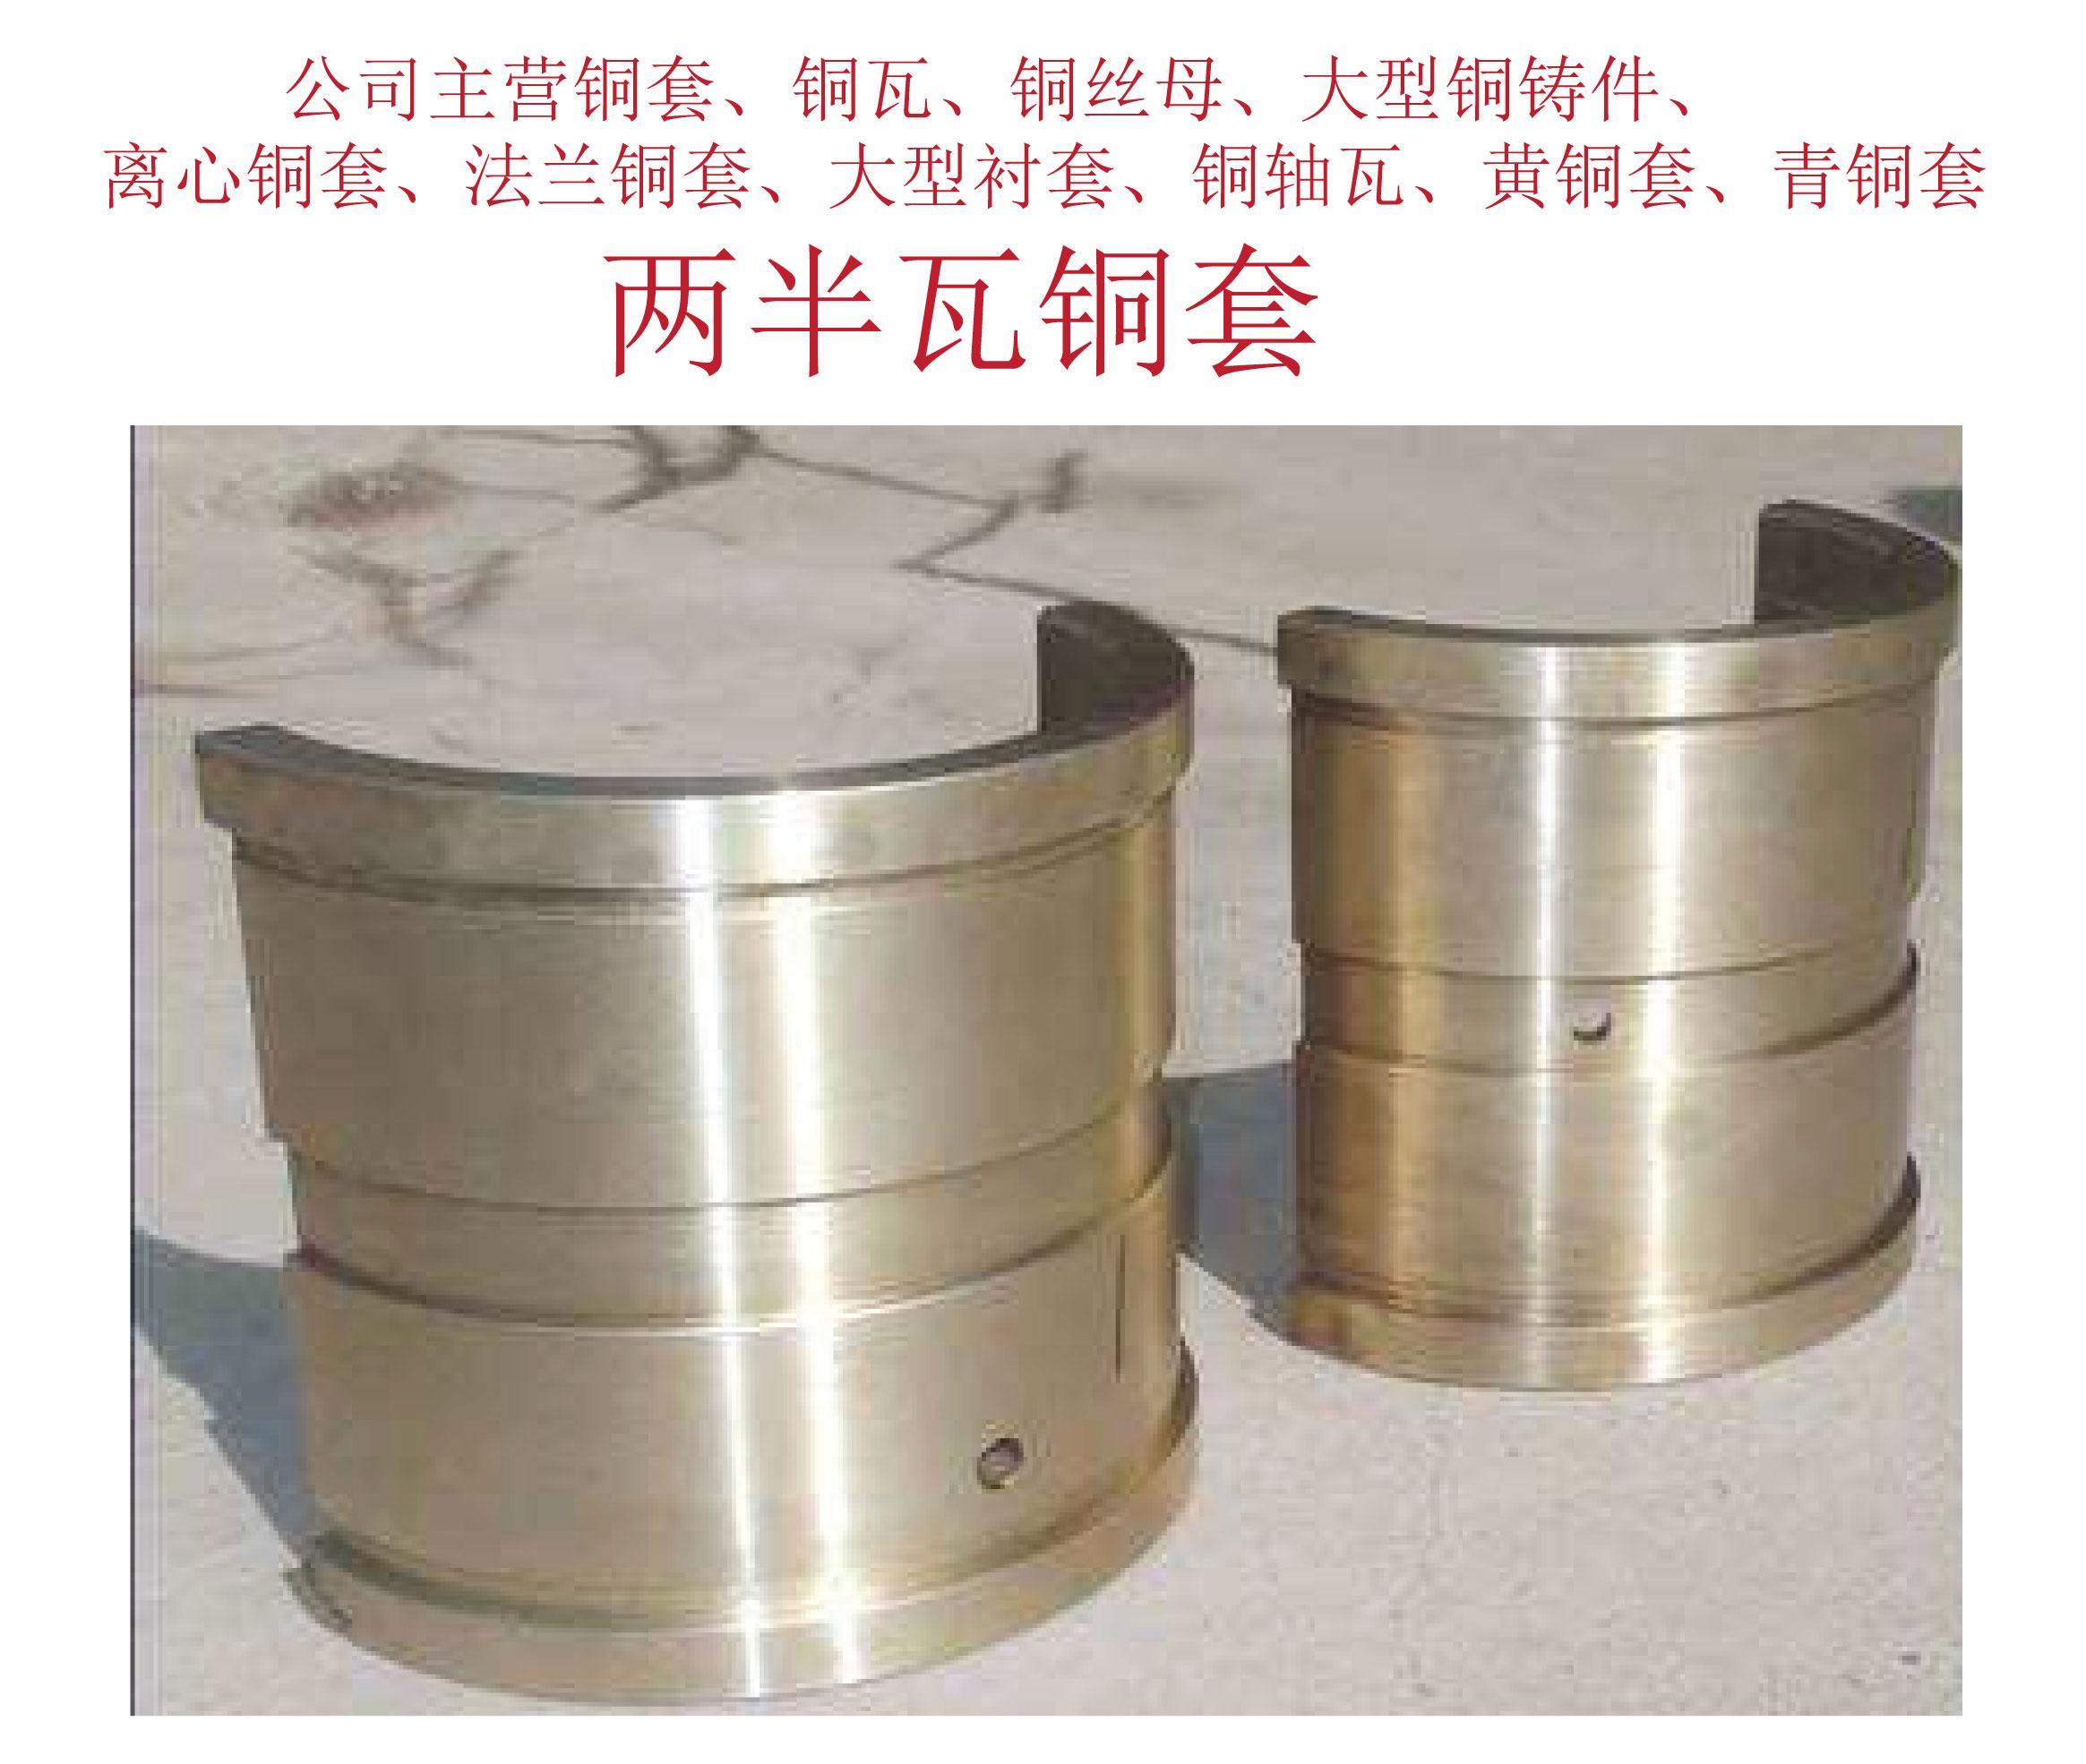 铜涡轮加工产品详情